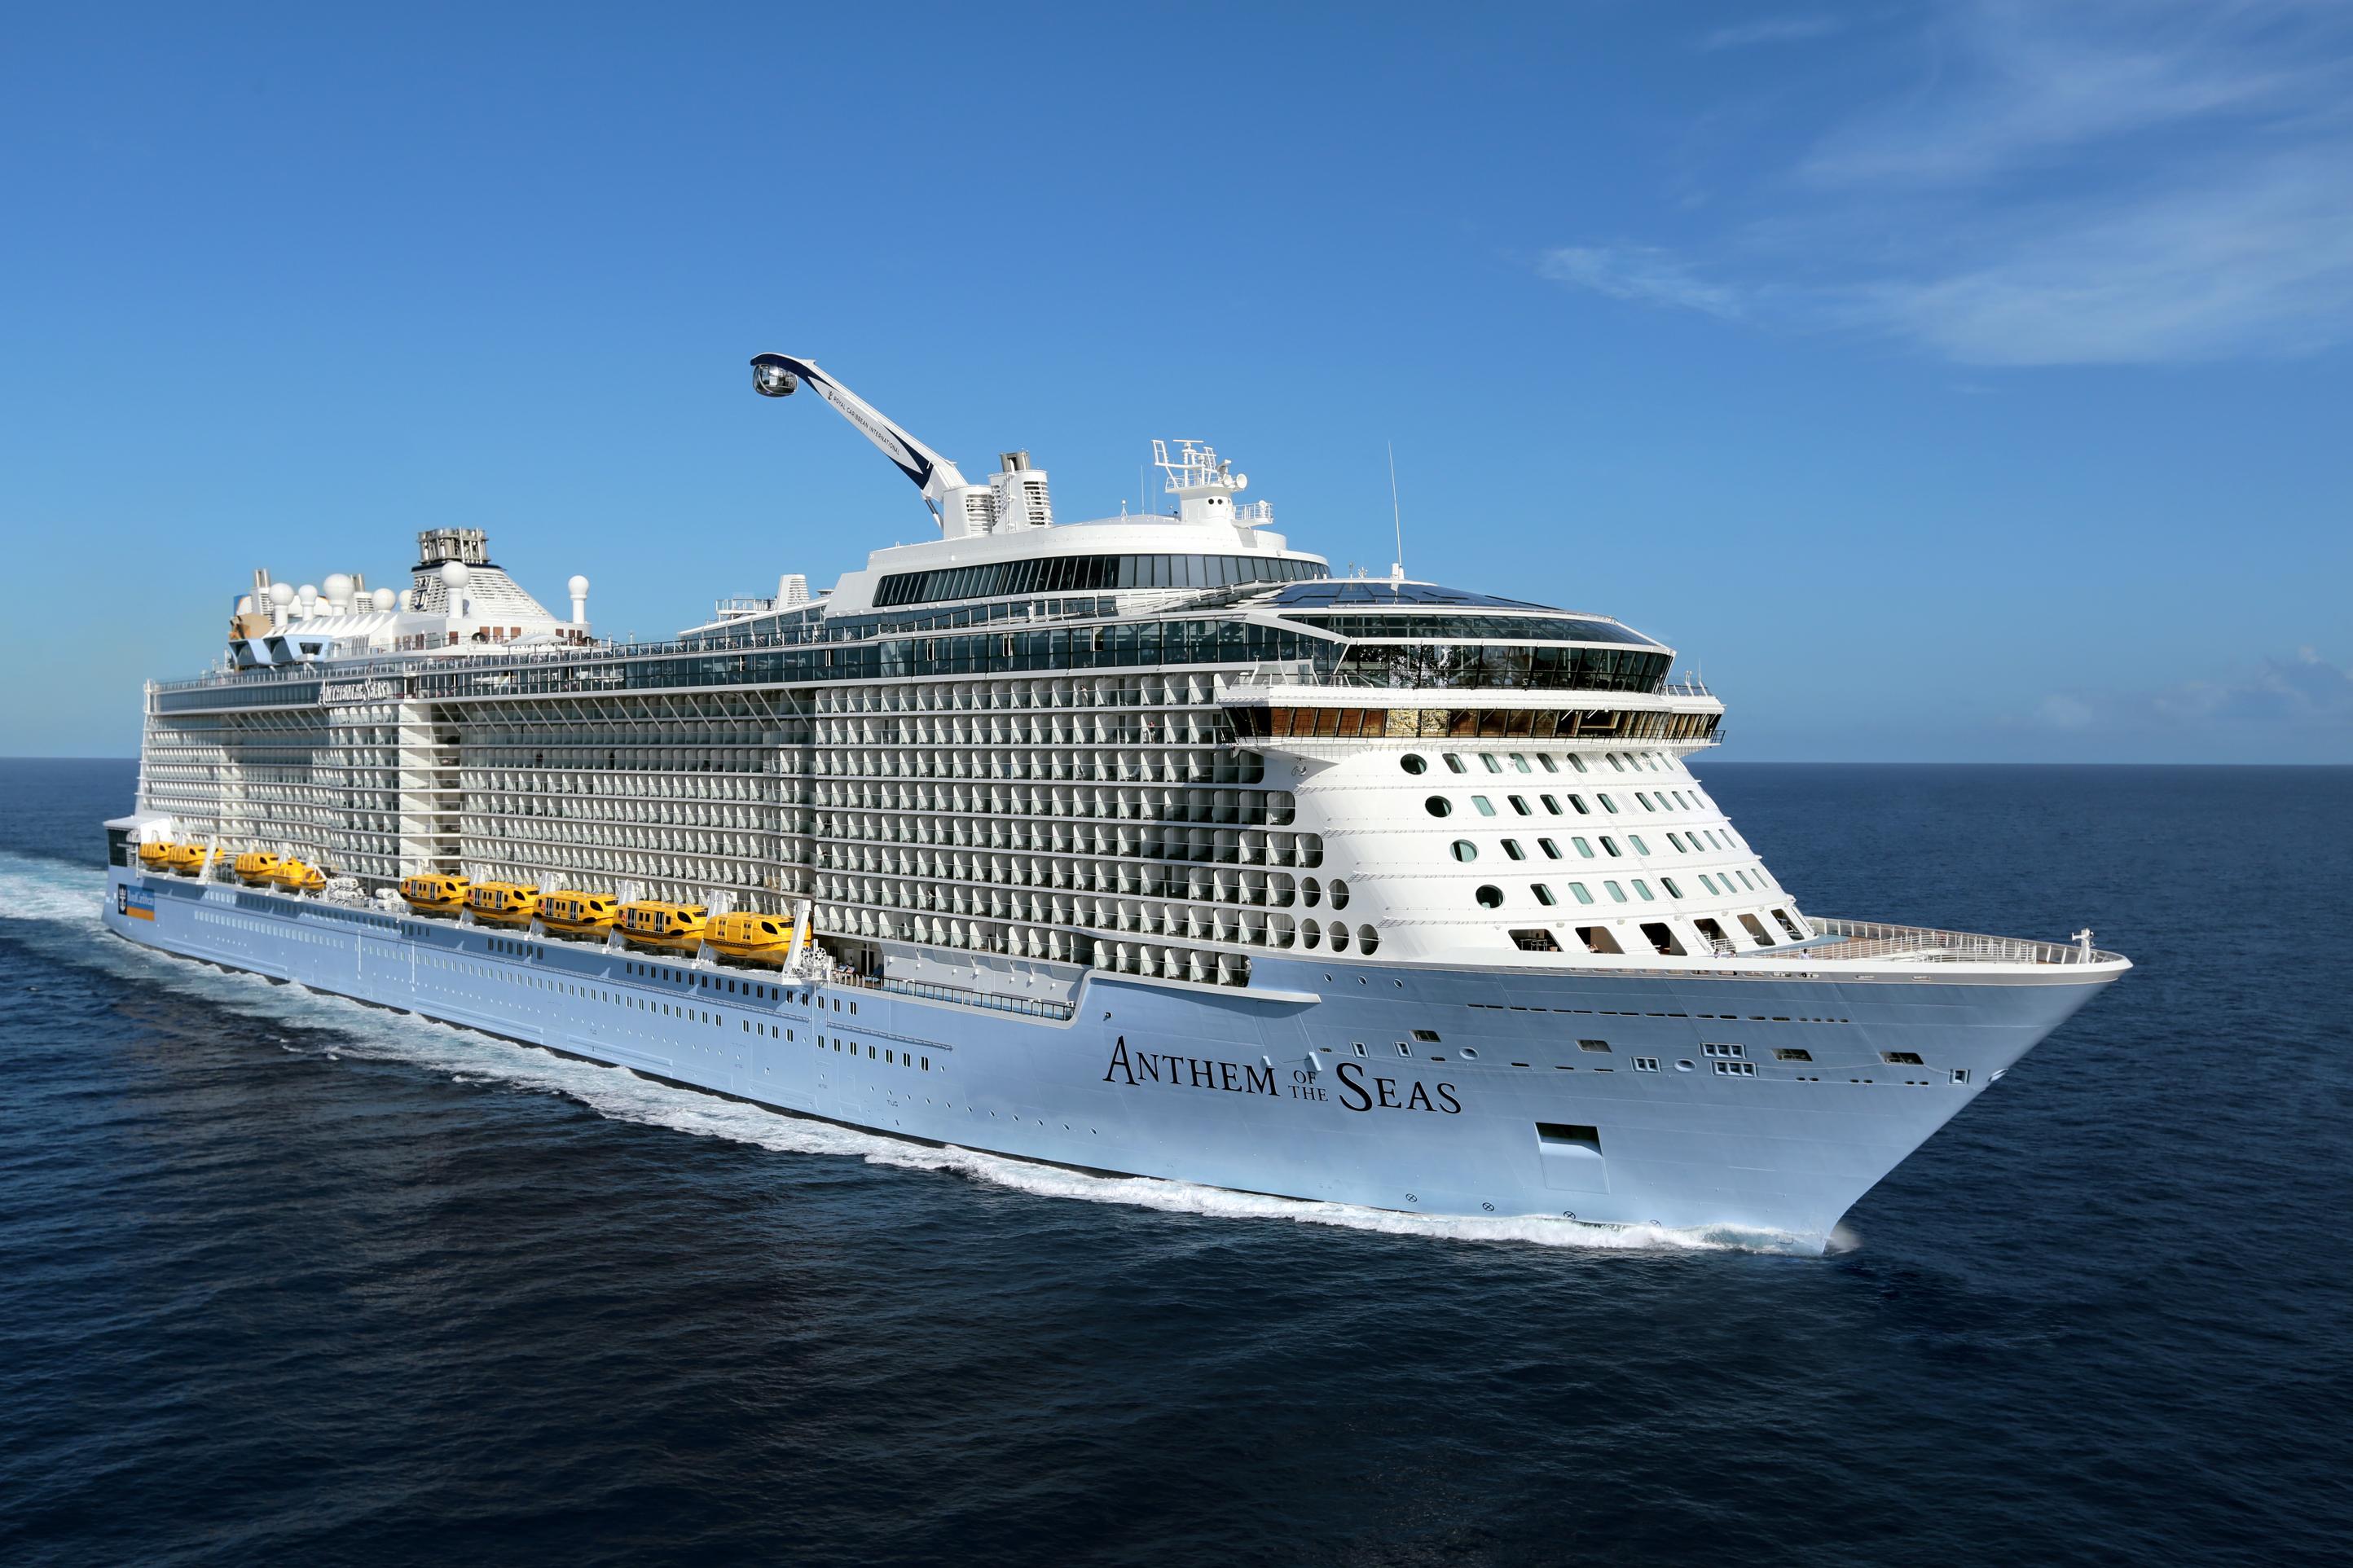 La transformación digital abre nuevos canales de crecimiento a Royal Caribbean Cruises